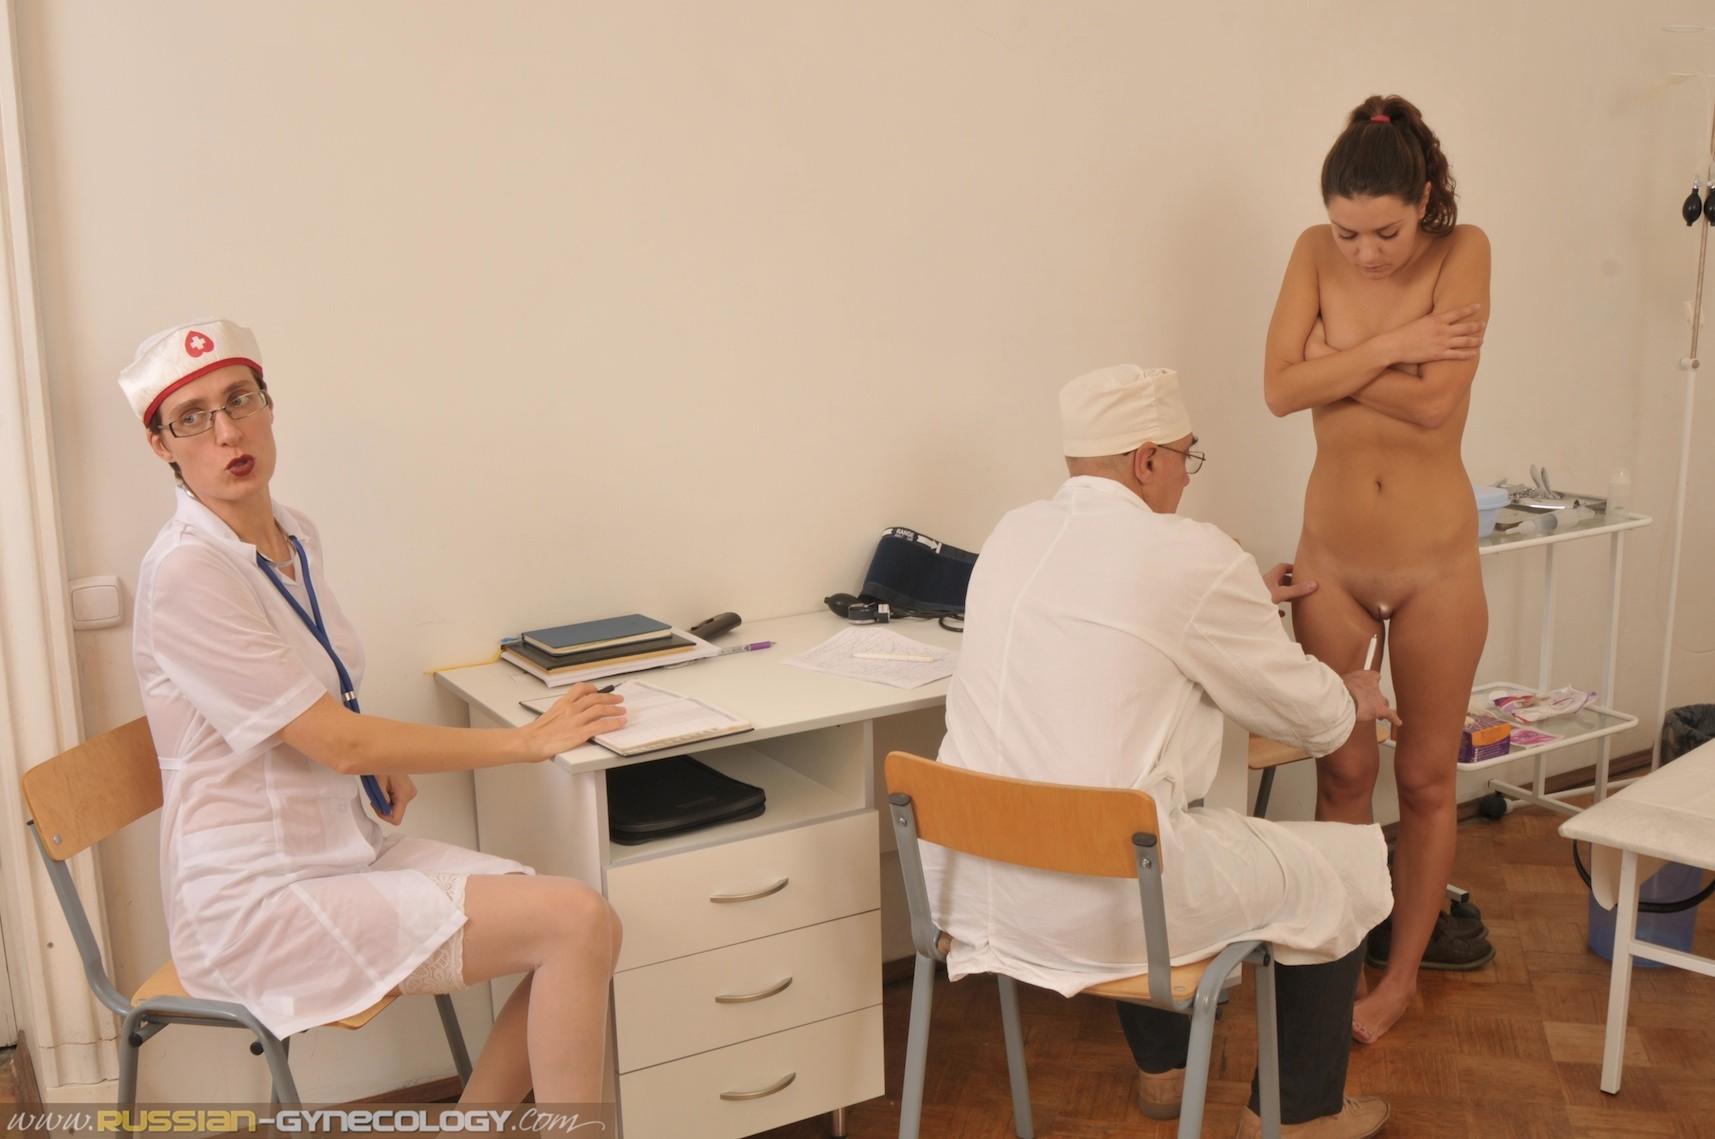 Фото русские у генеколога 3 фотография